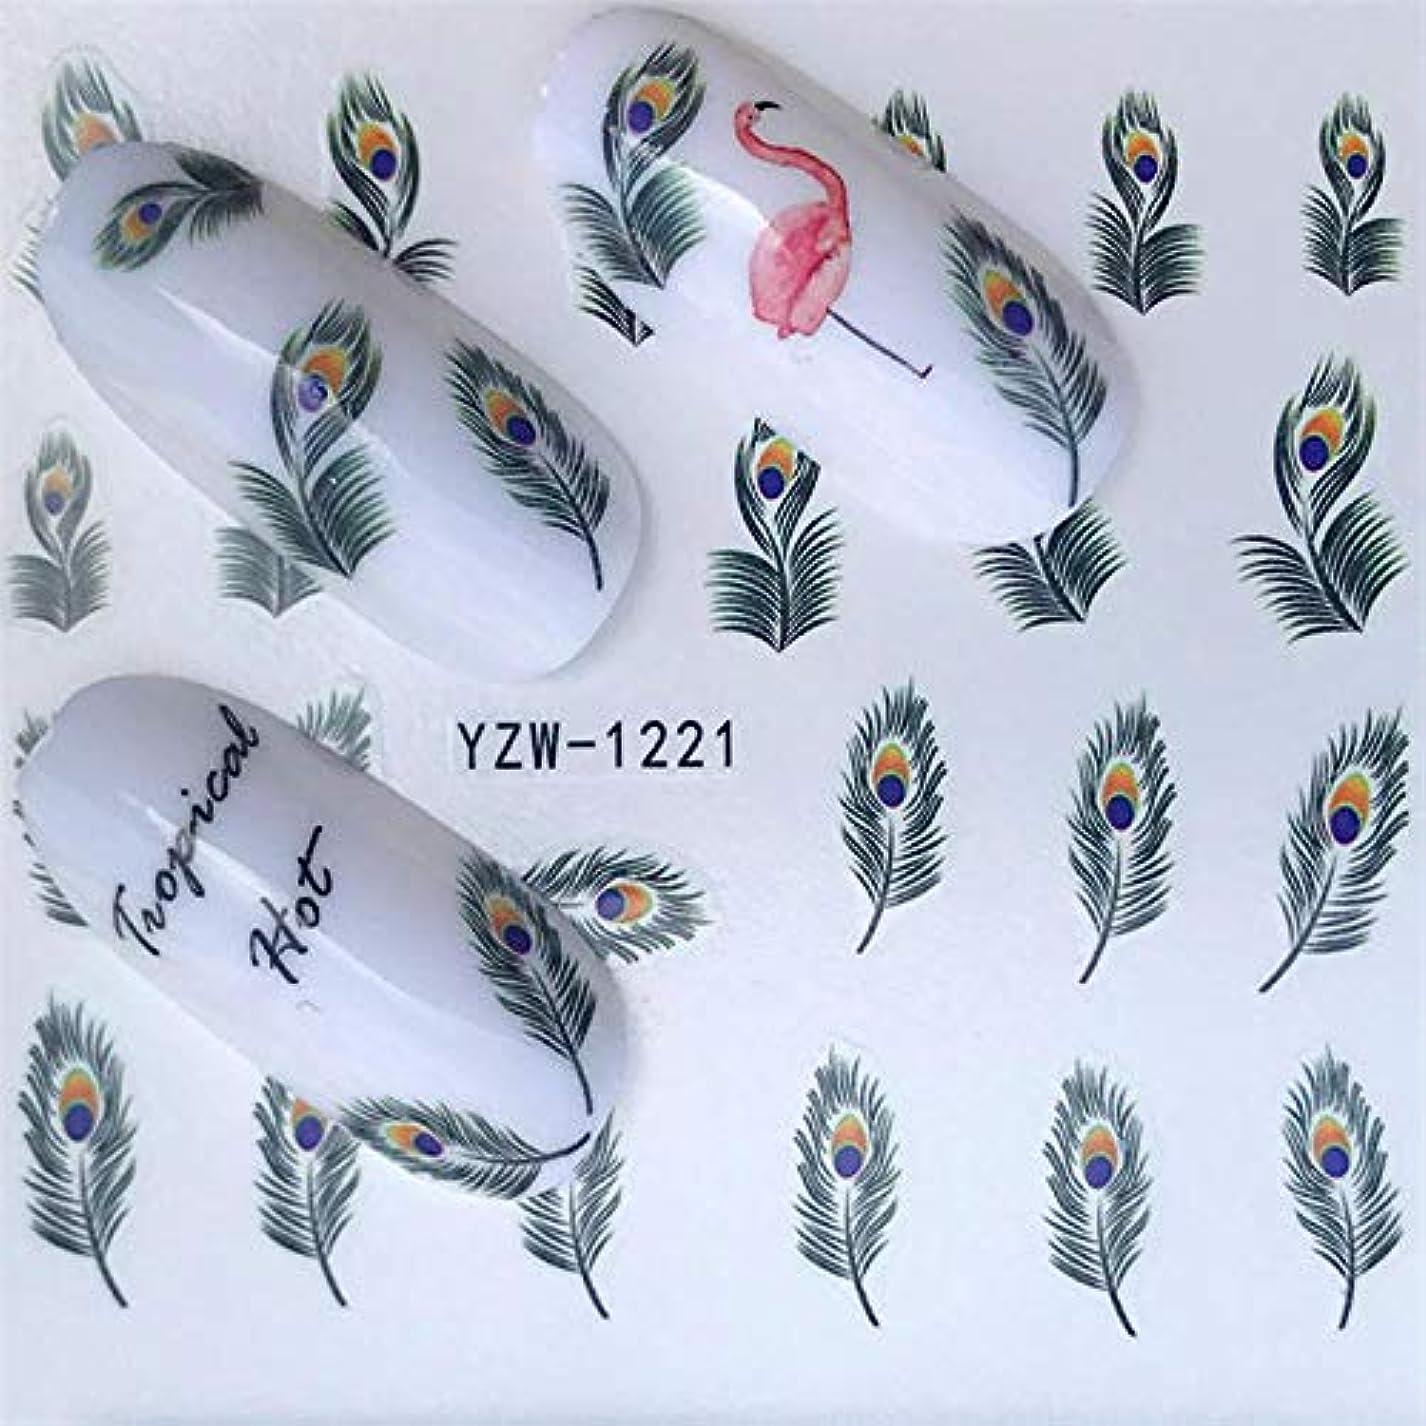 ハンディキャップ枯渇ライターSUKTI&XIAO ネイルステッカー 1枚の釘のステッカーの夏の多彩な水移動の釘の装飾のゲルのDiyのステッカー、Yzw-1221